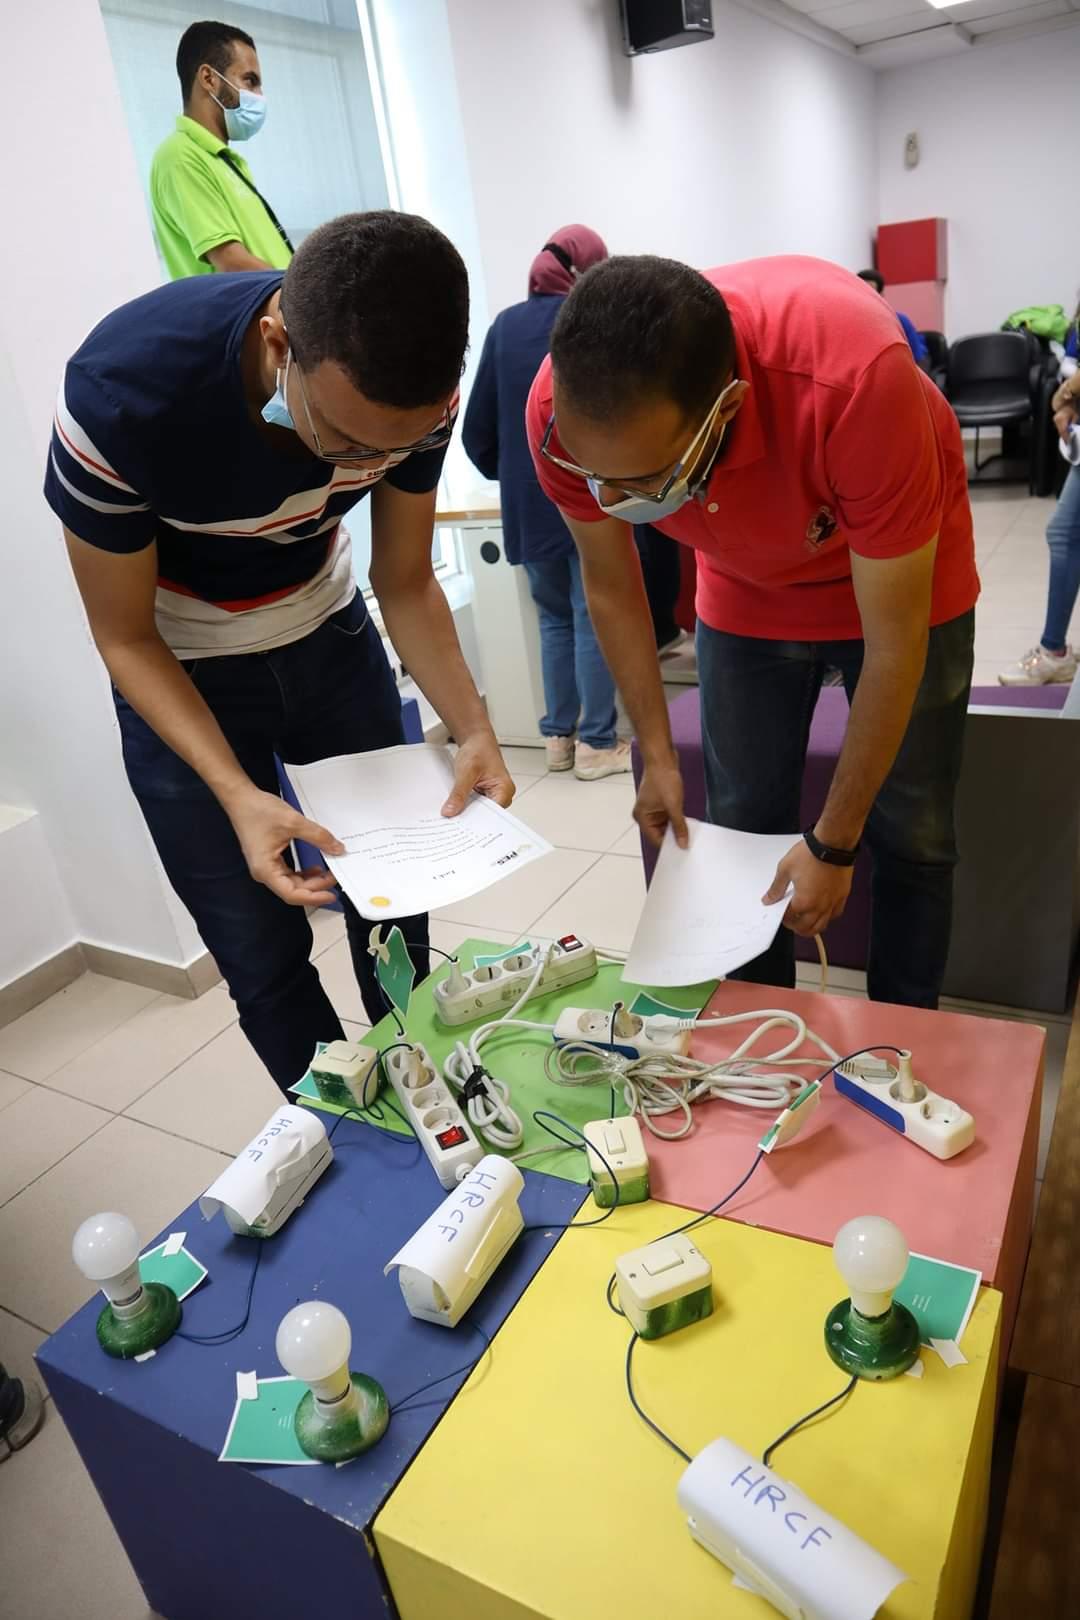 طلاب هندسة حلوان يشاركون في مهرجان IEEE Helwan SB للتكنولوجيا والابتكار